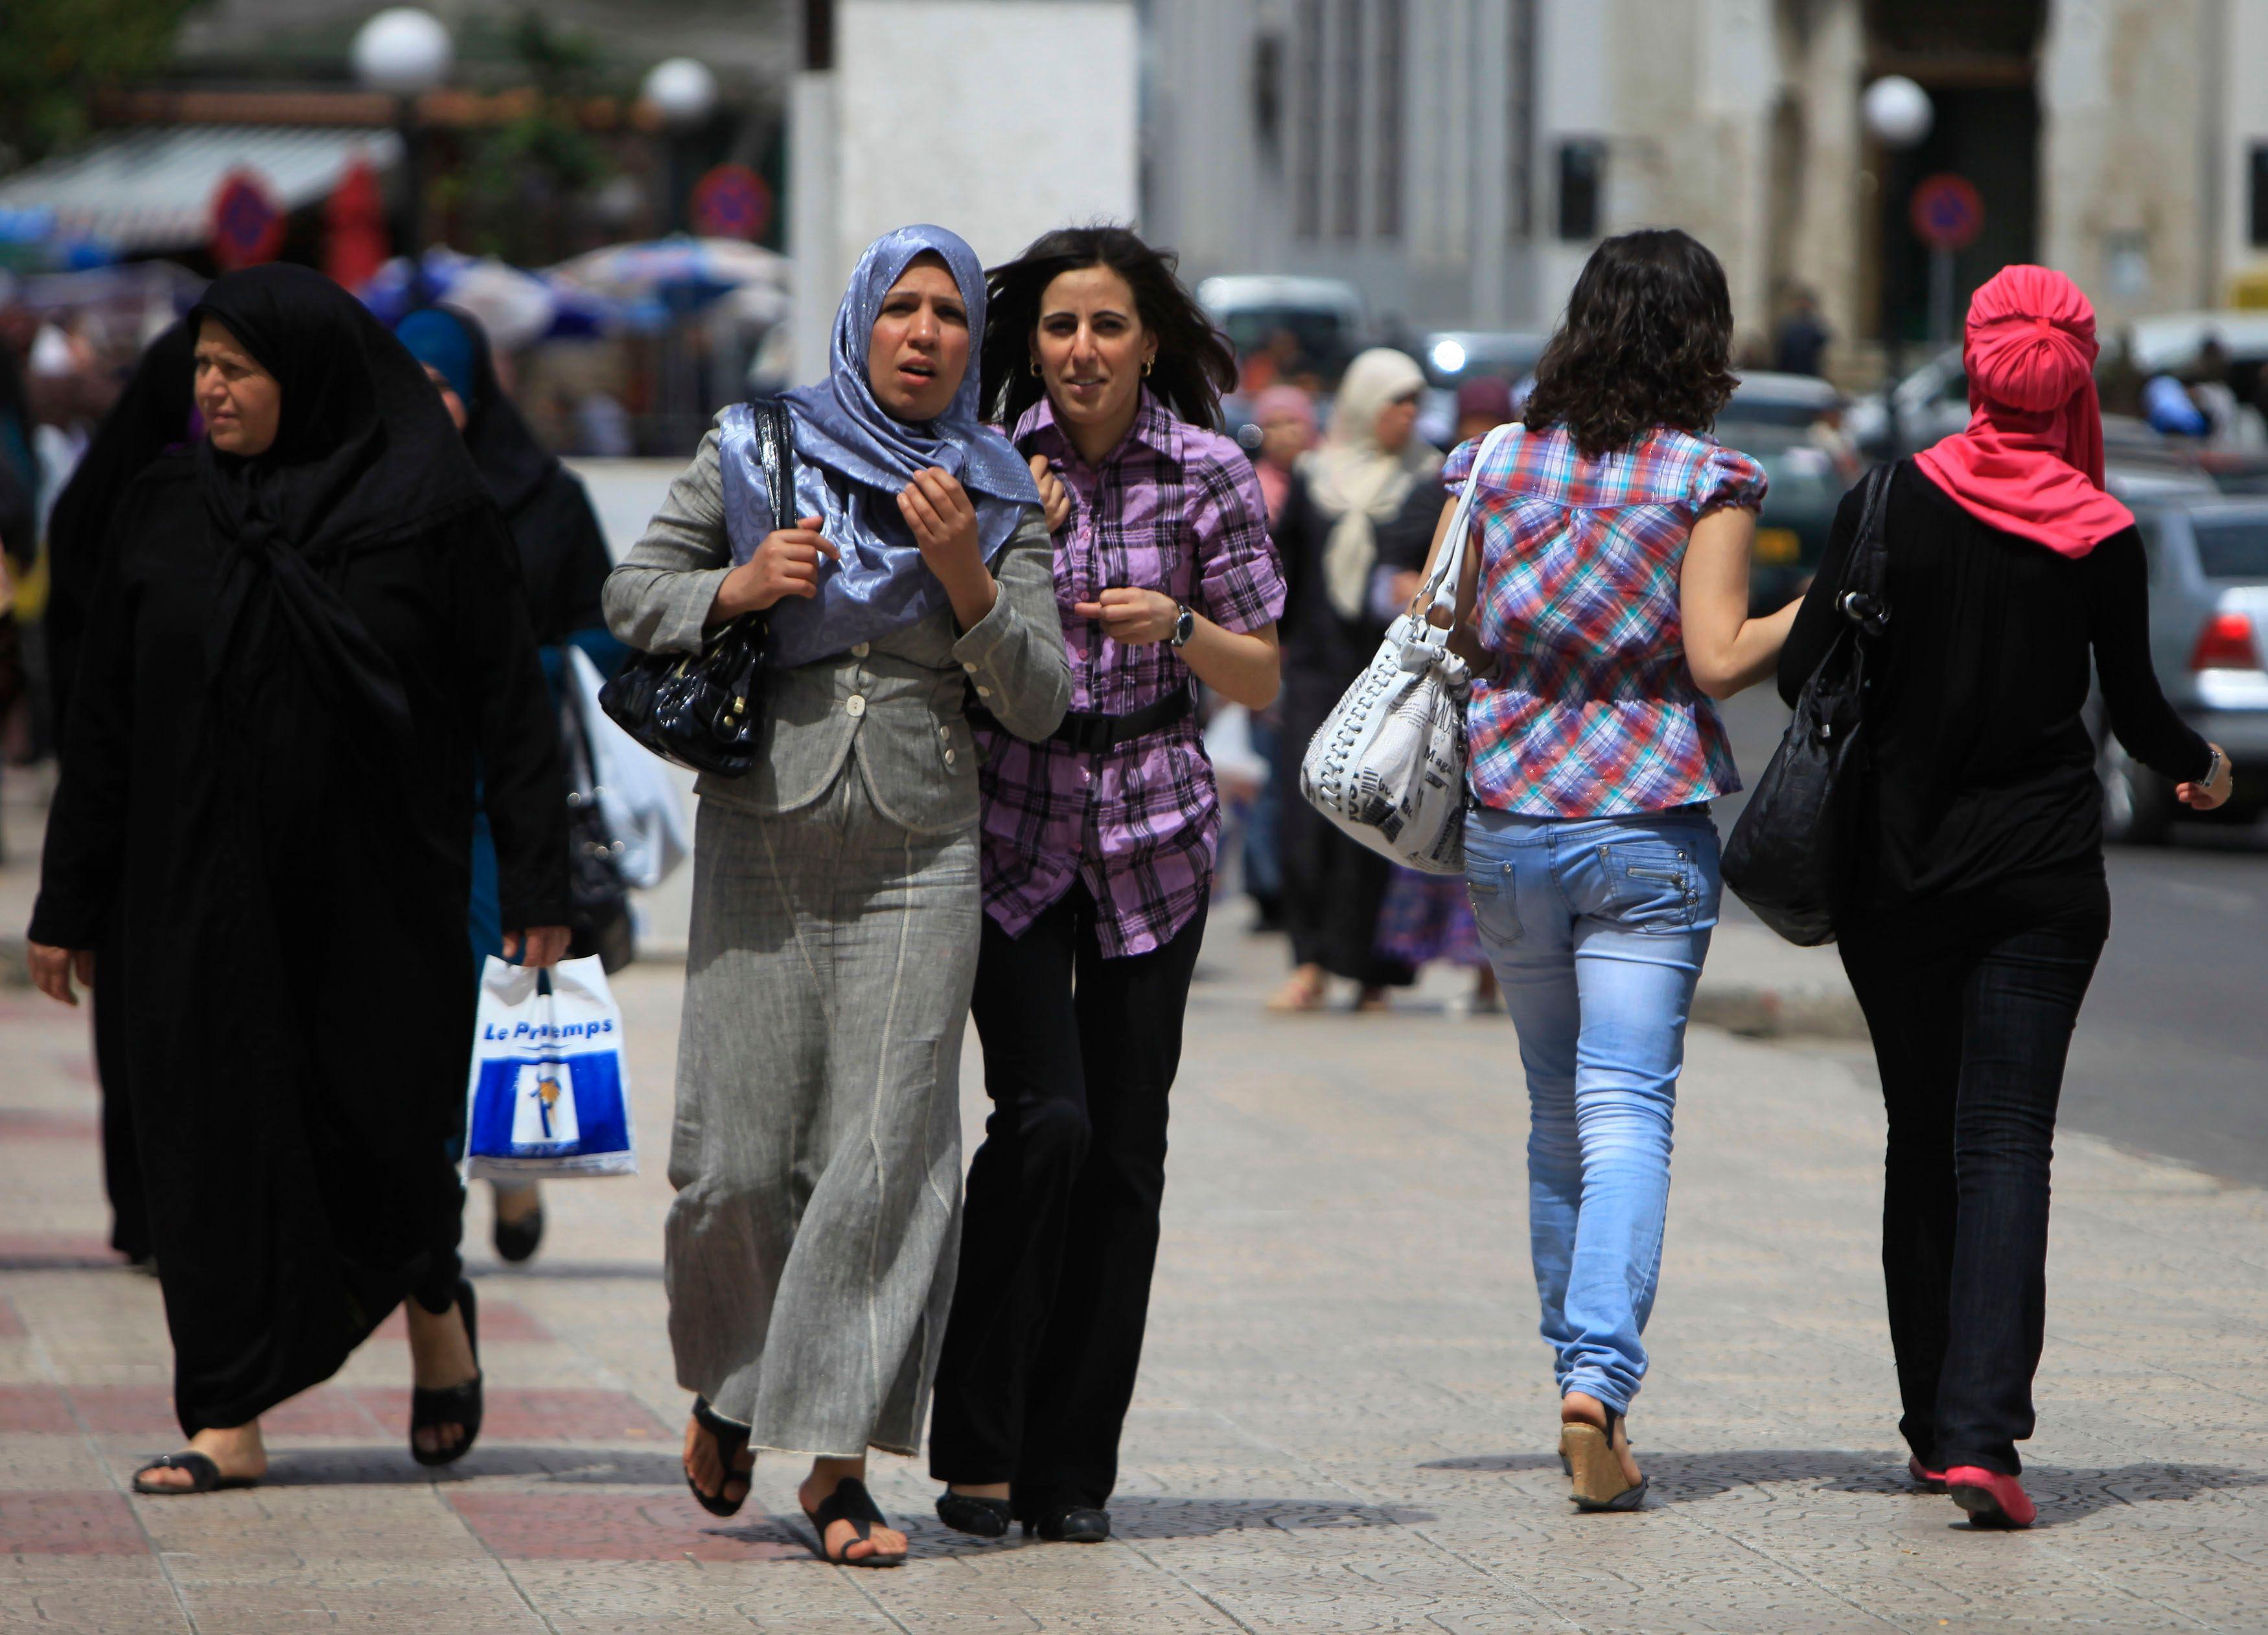 Pourra-t-on un jour restreindre les manifestations religieuses dans l'entreprise ?